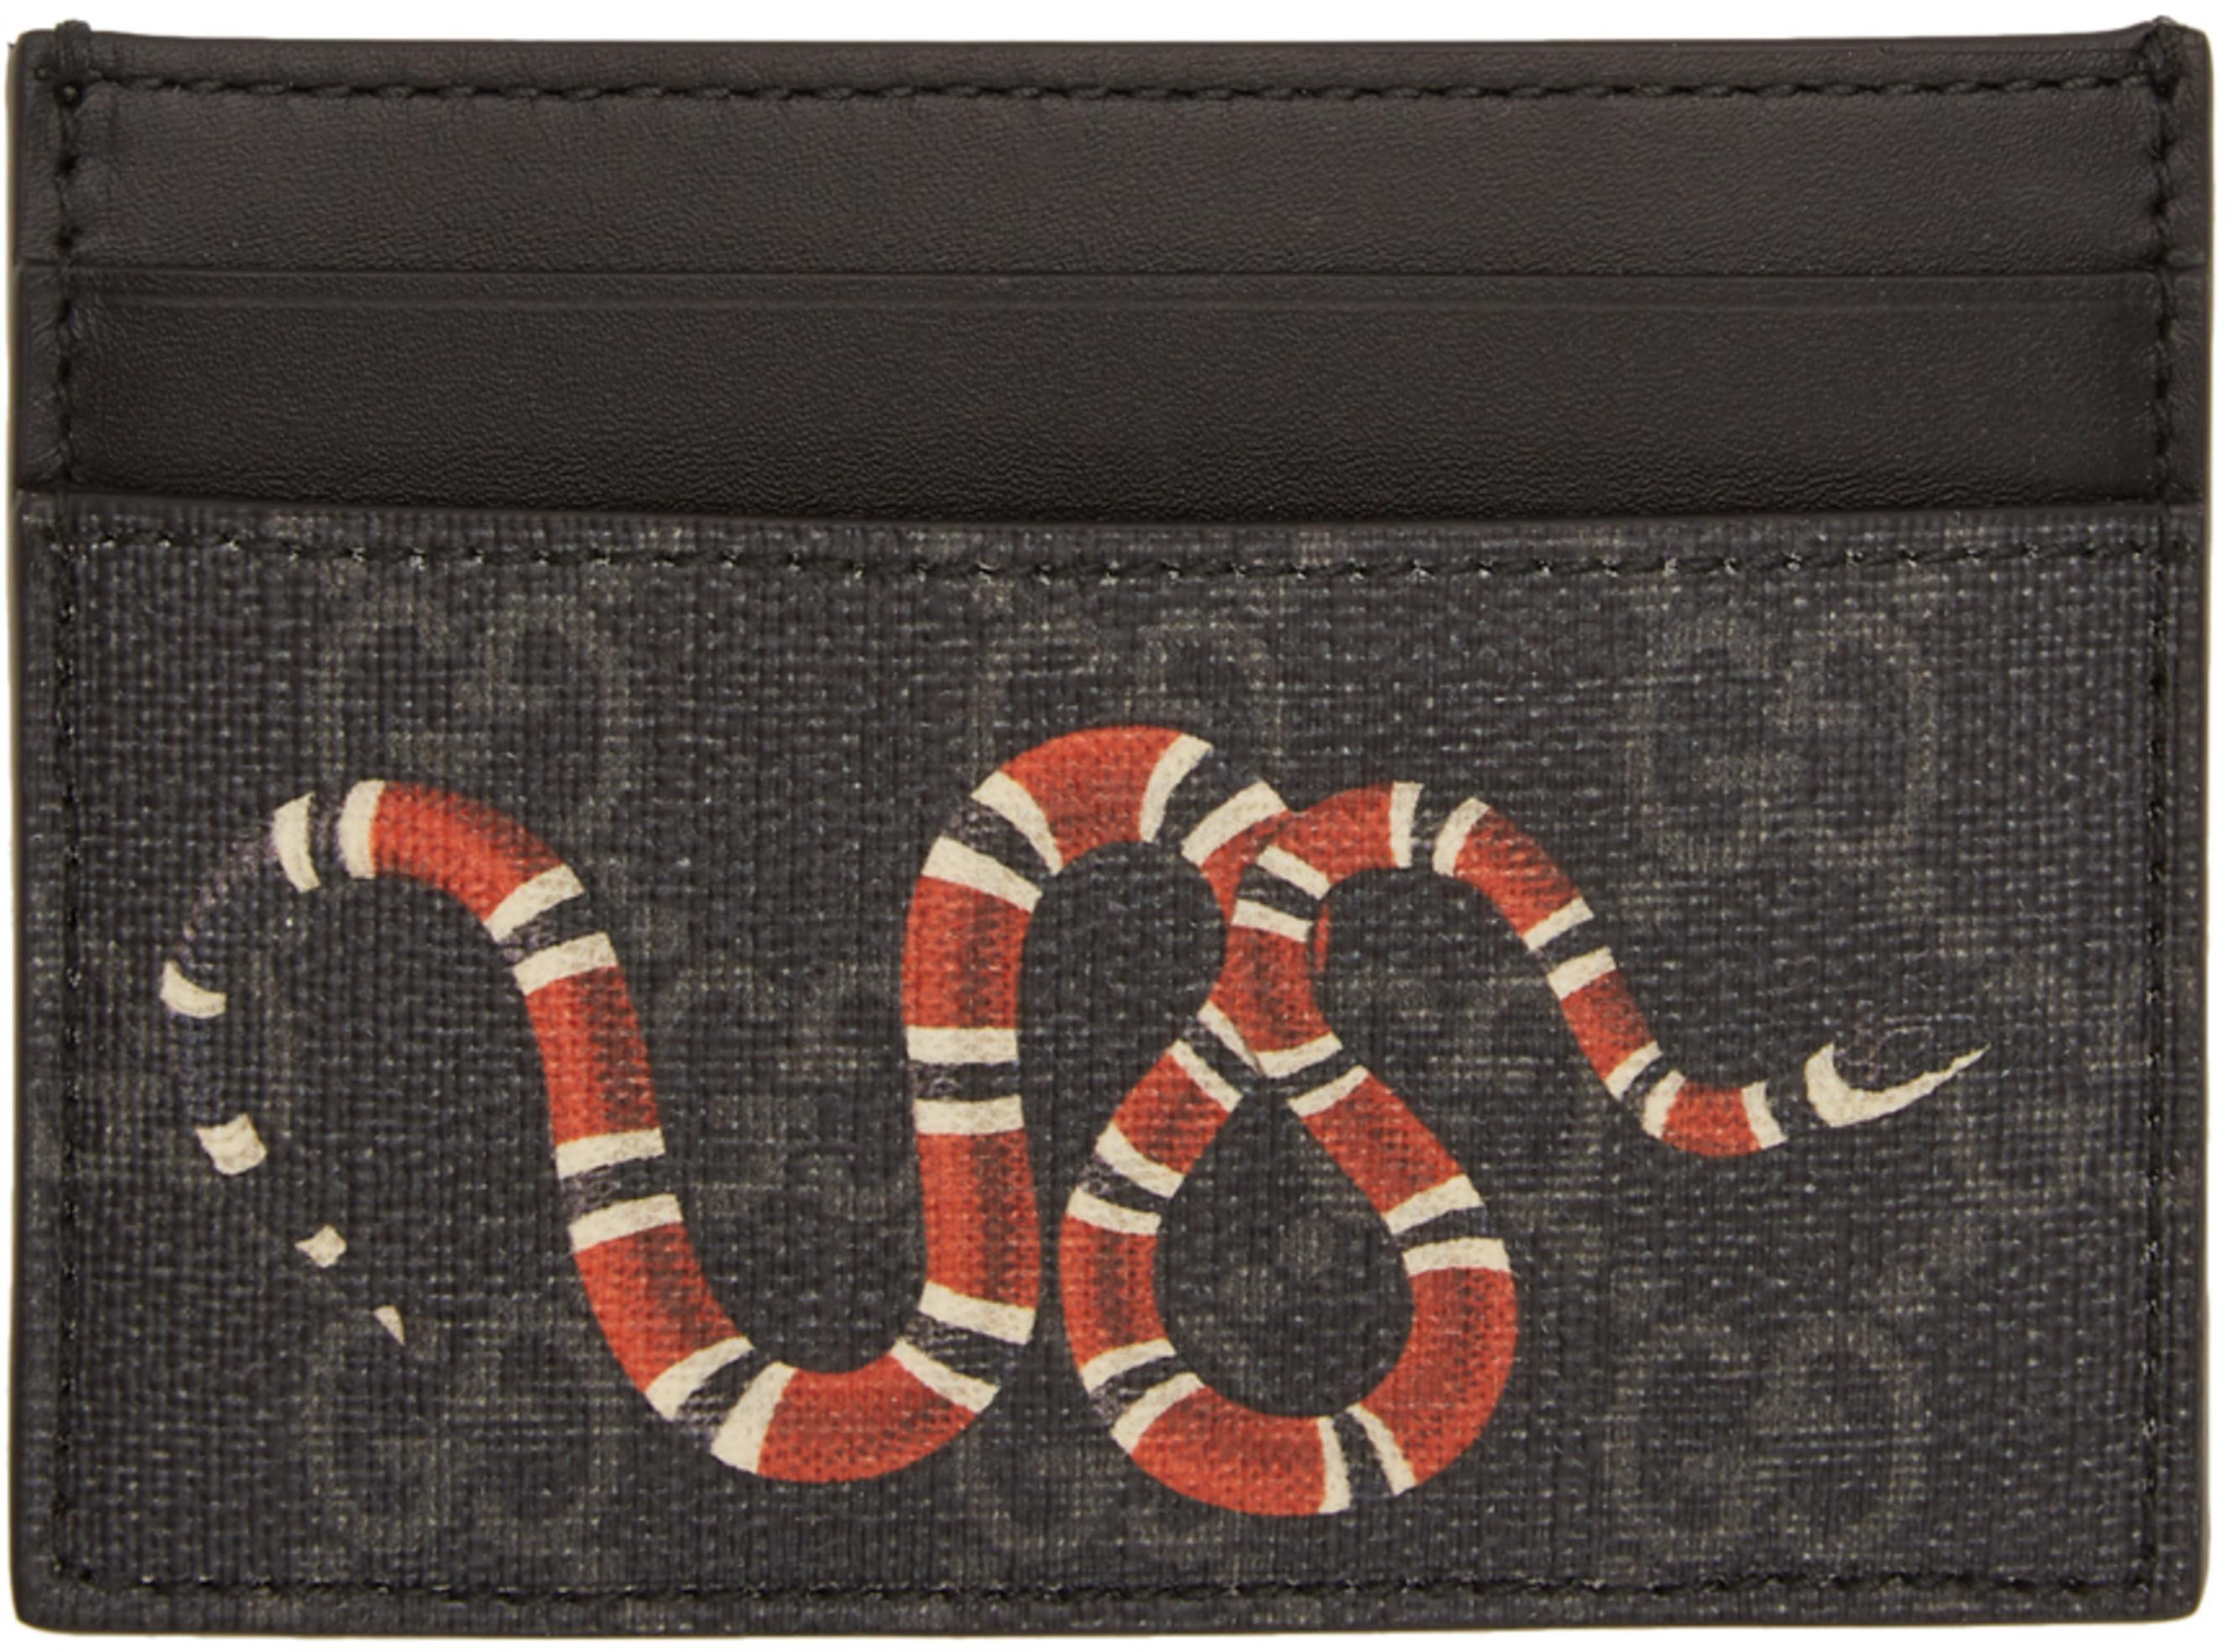 5e91046af567 Gucci wallets & card holders for Men | SSENSE